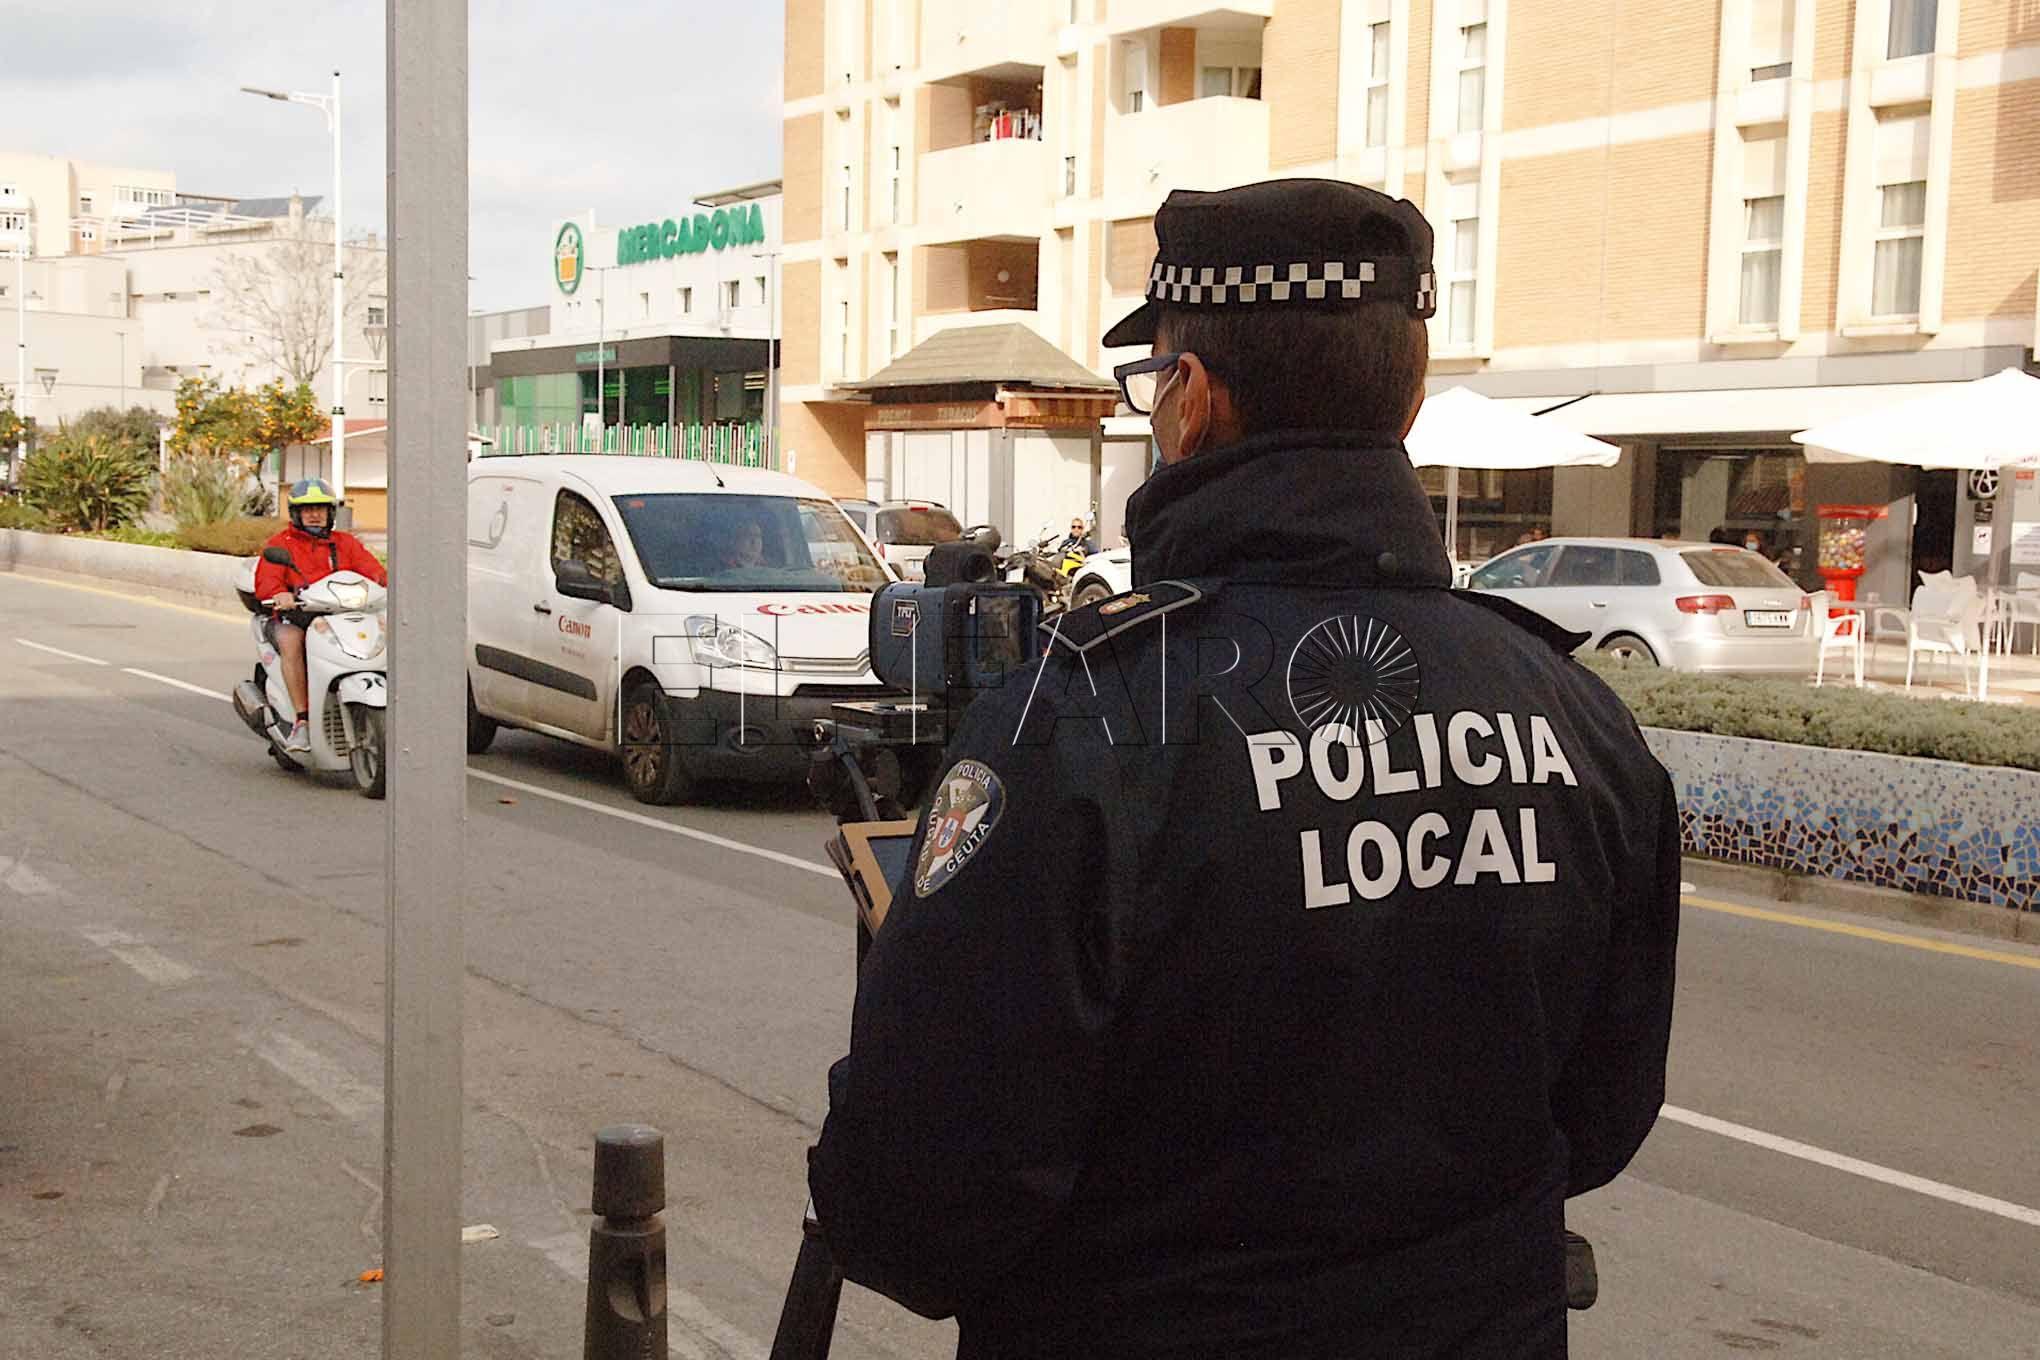 radar-policia-local